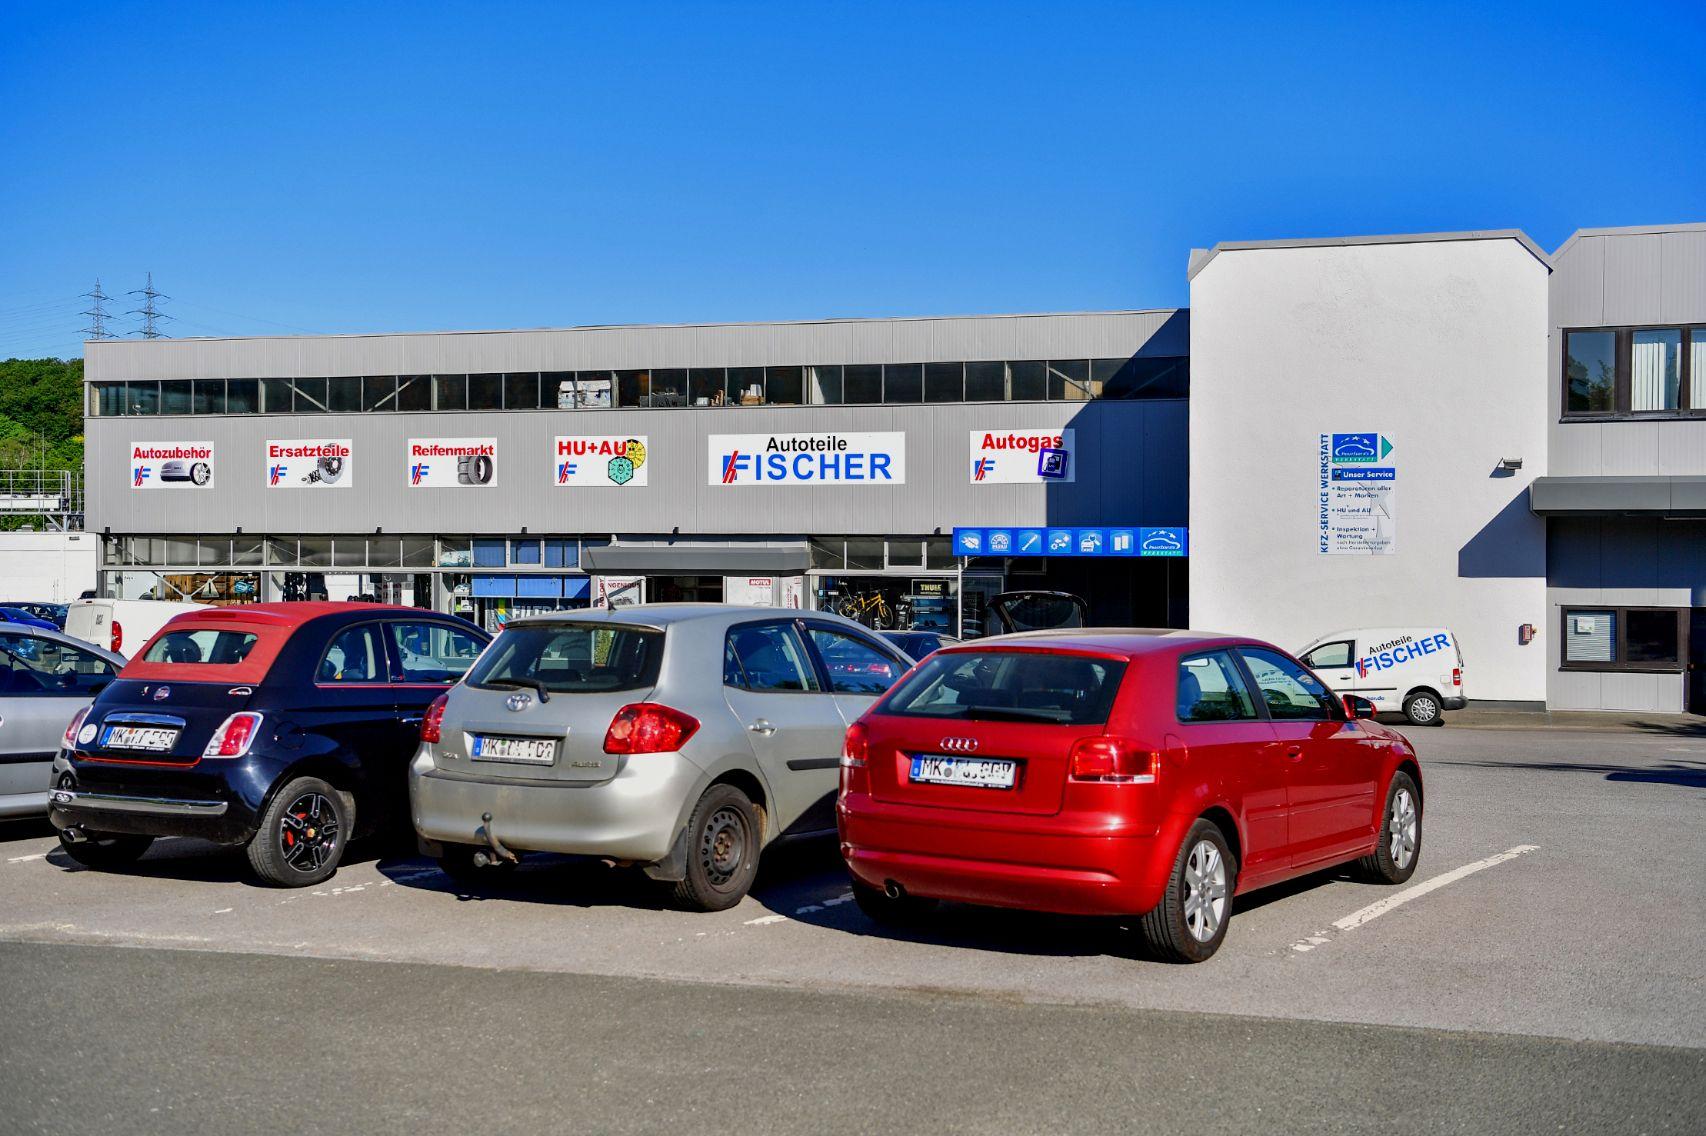 Fischer Autoteile